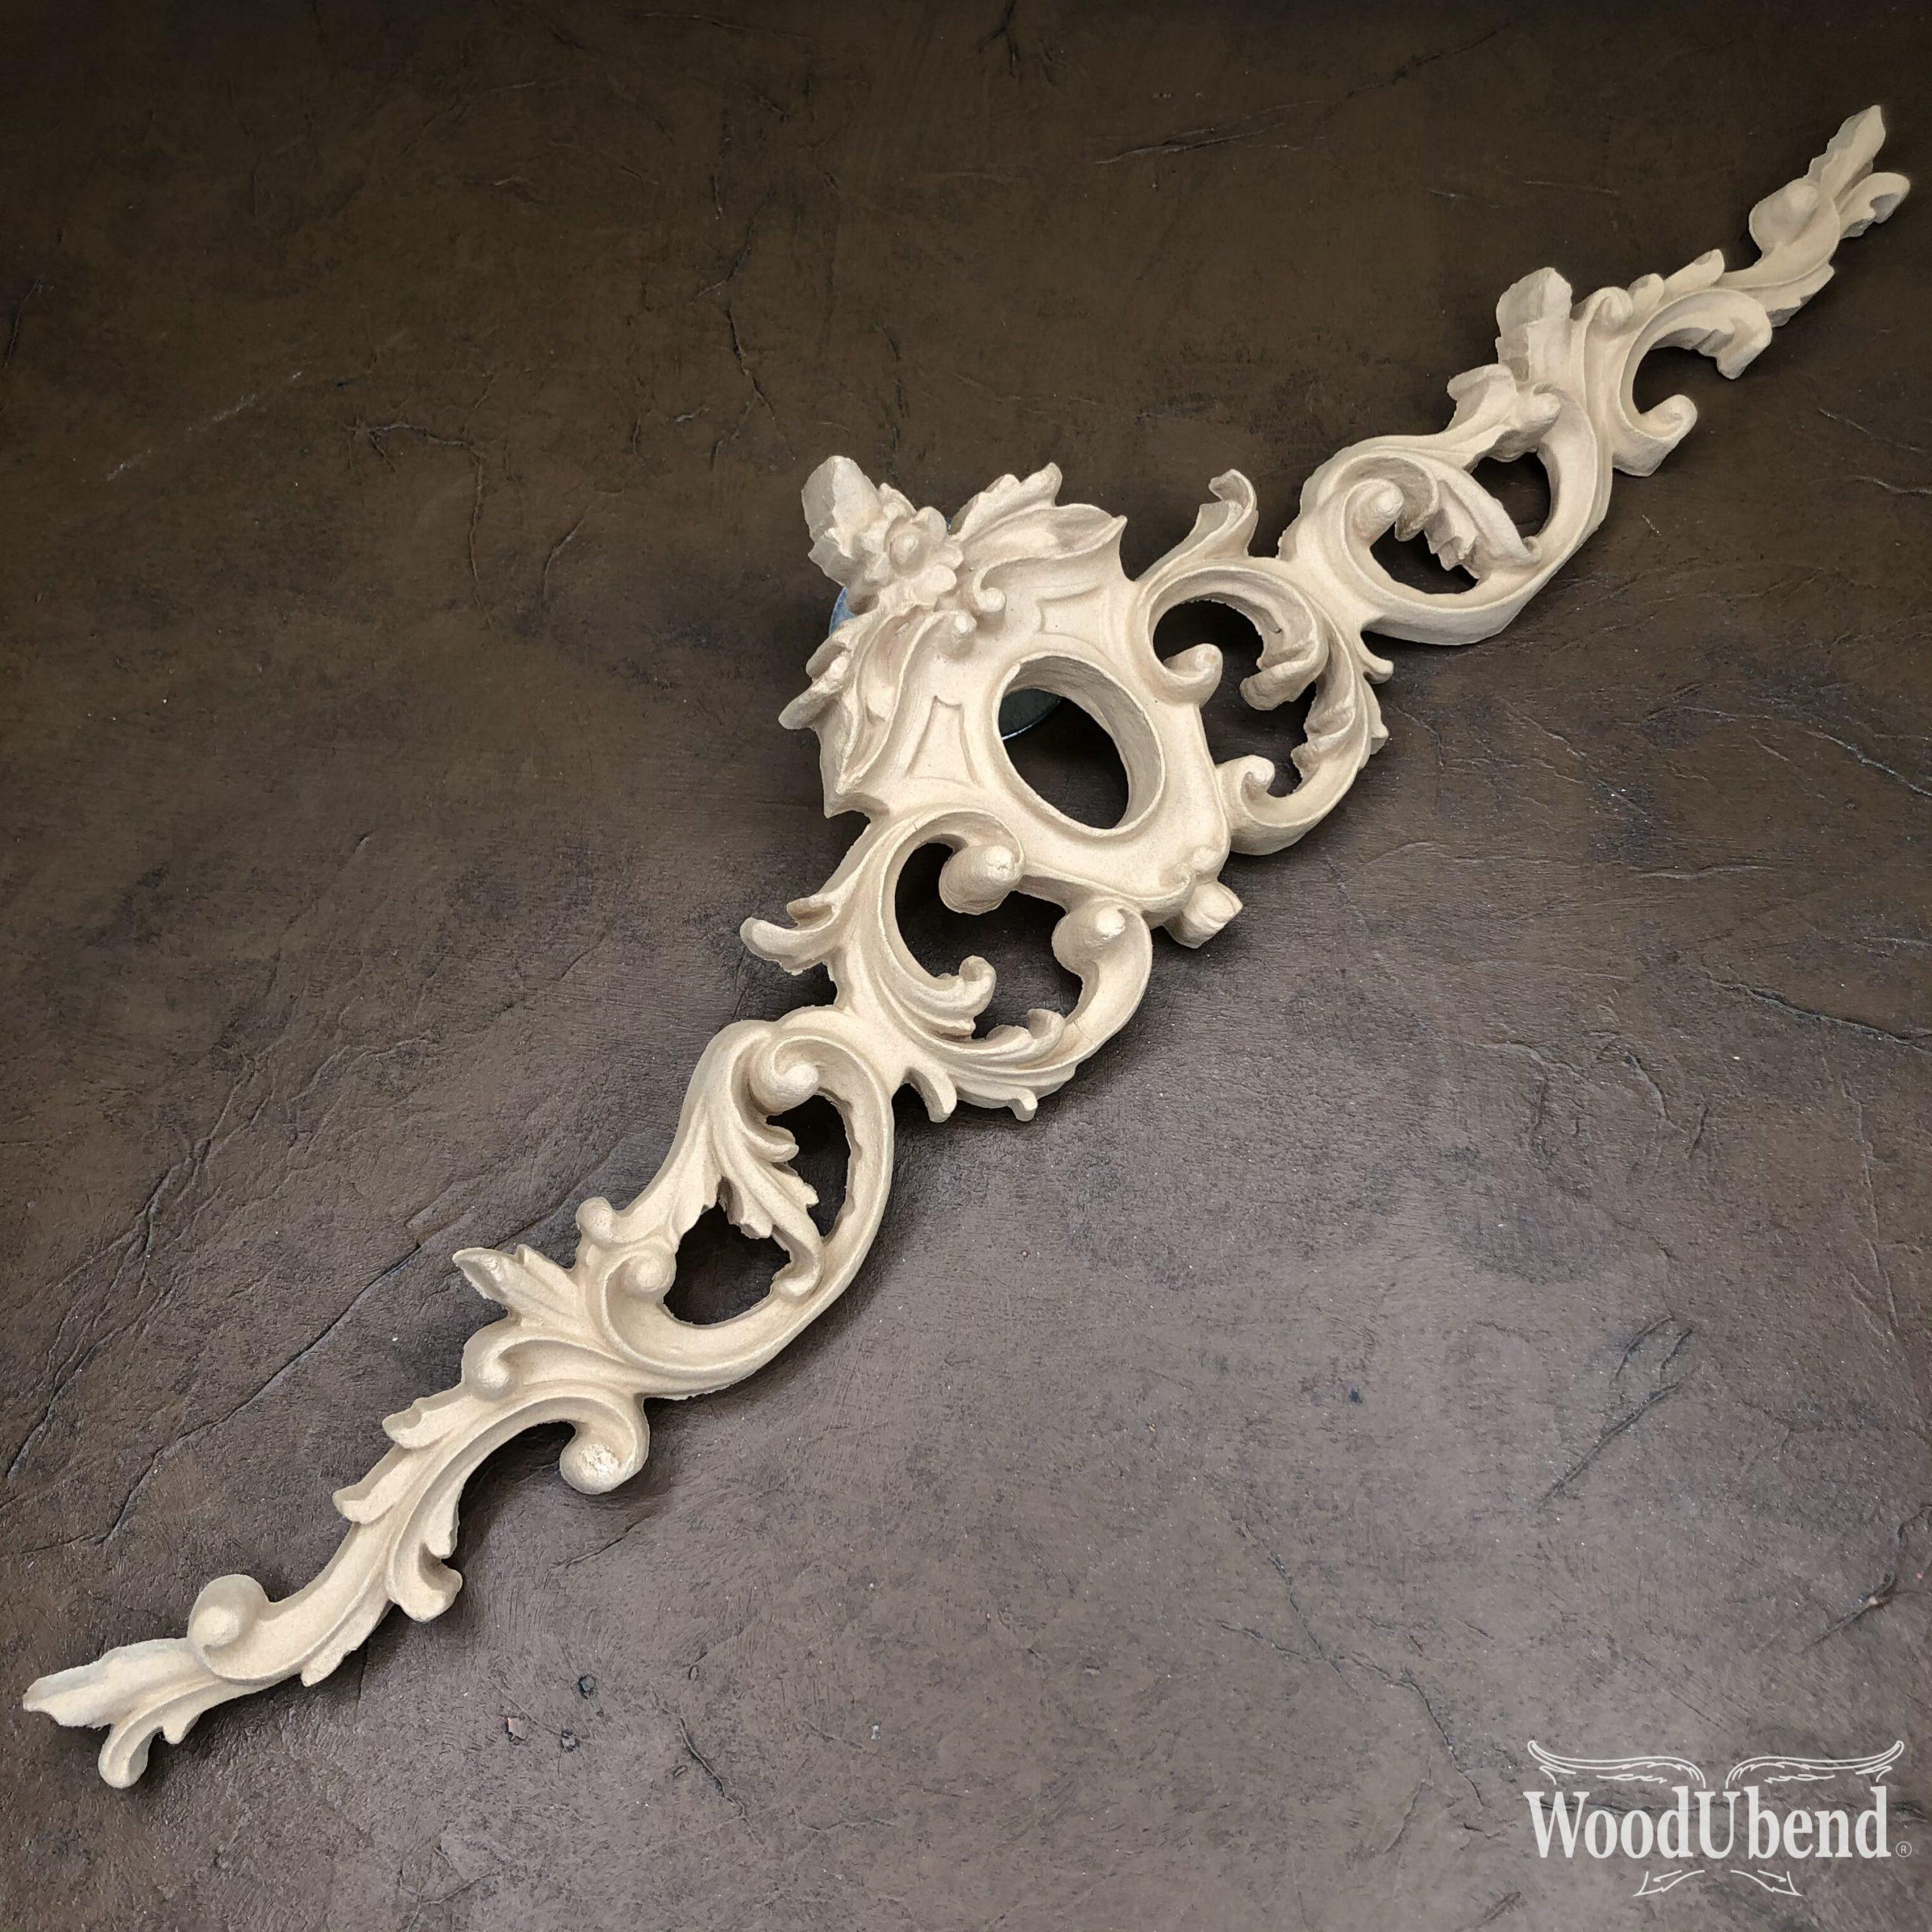 1258-scaled WoodUbend moulding